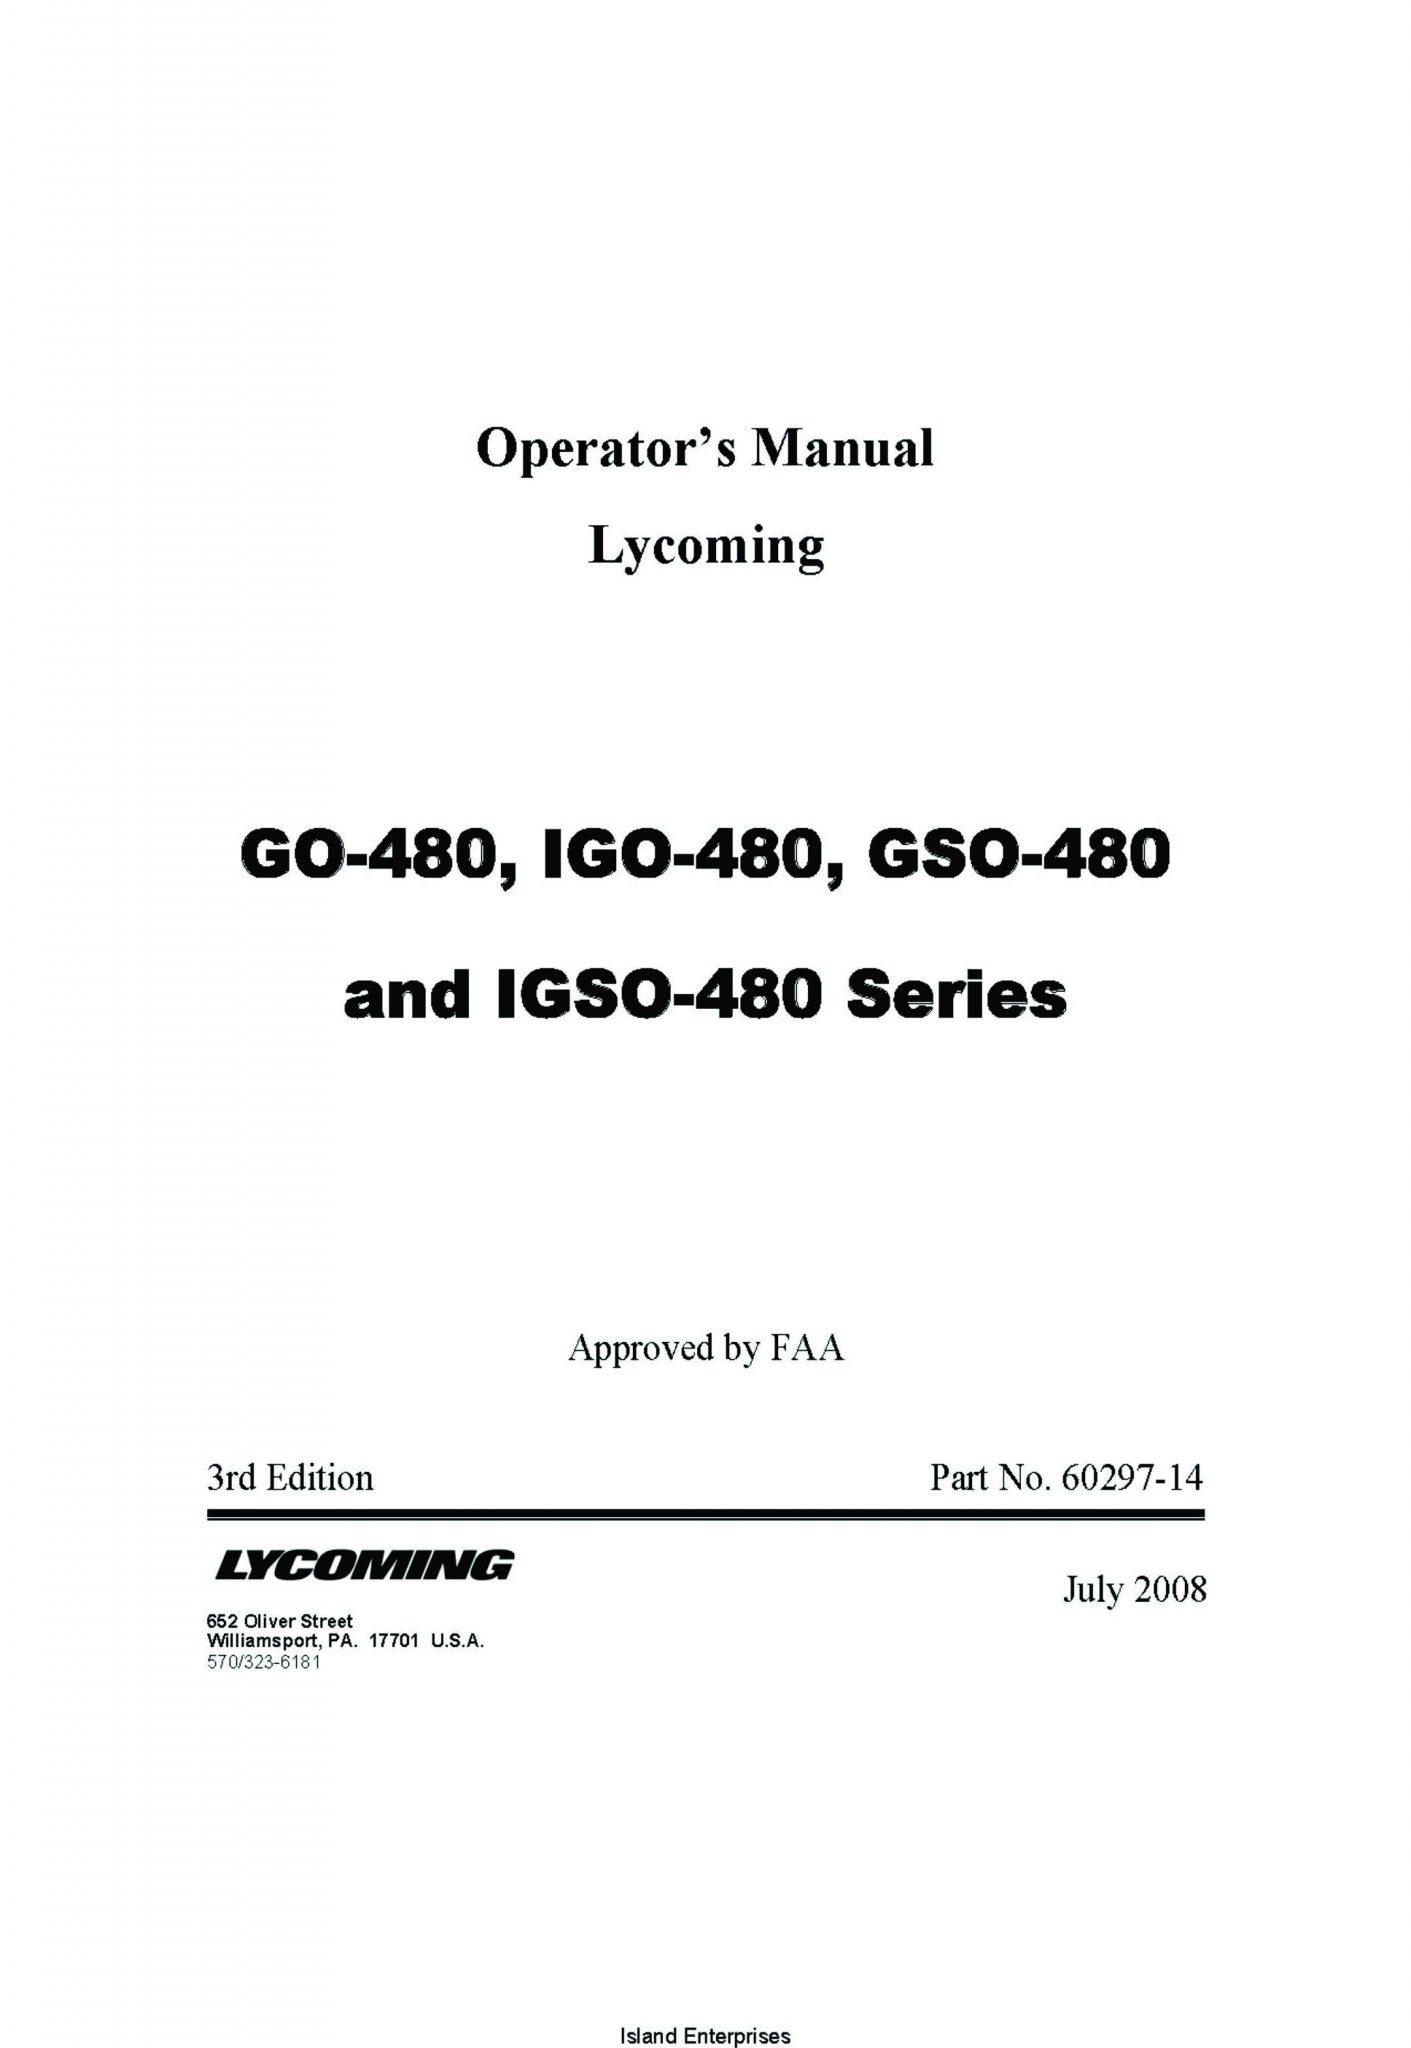 Lycoming GO-480, IGO-480, GSO-480 nad IGSO-480 Series